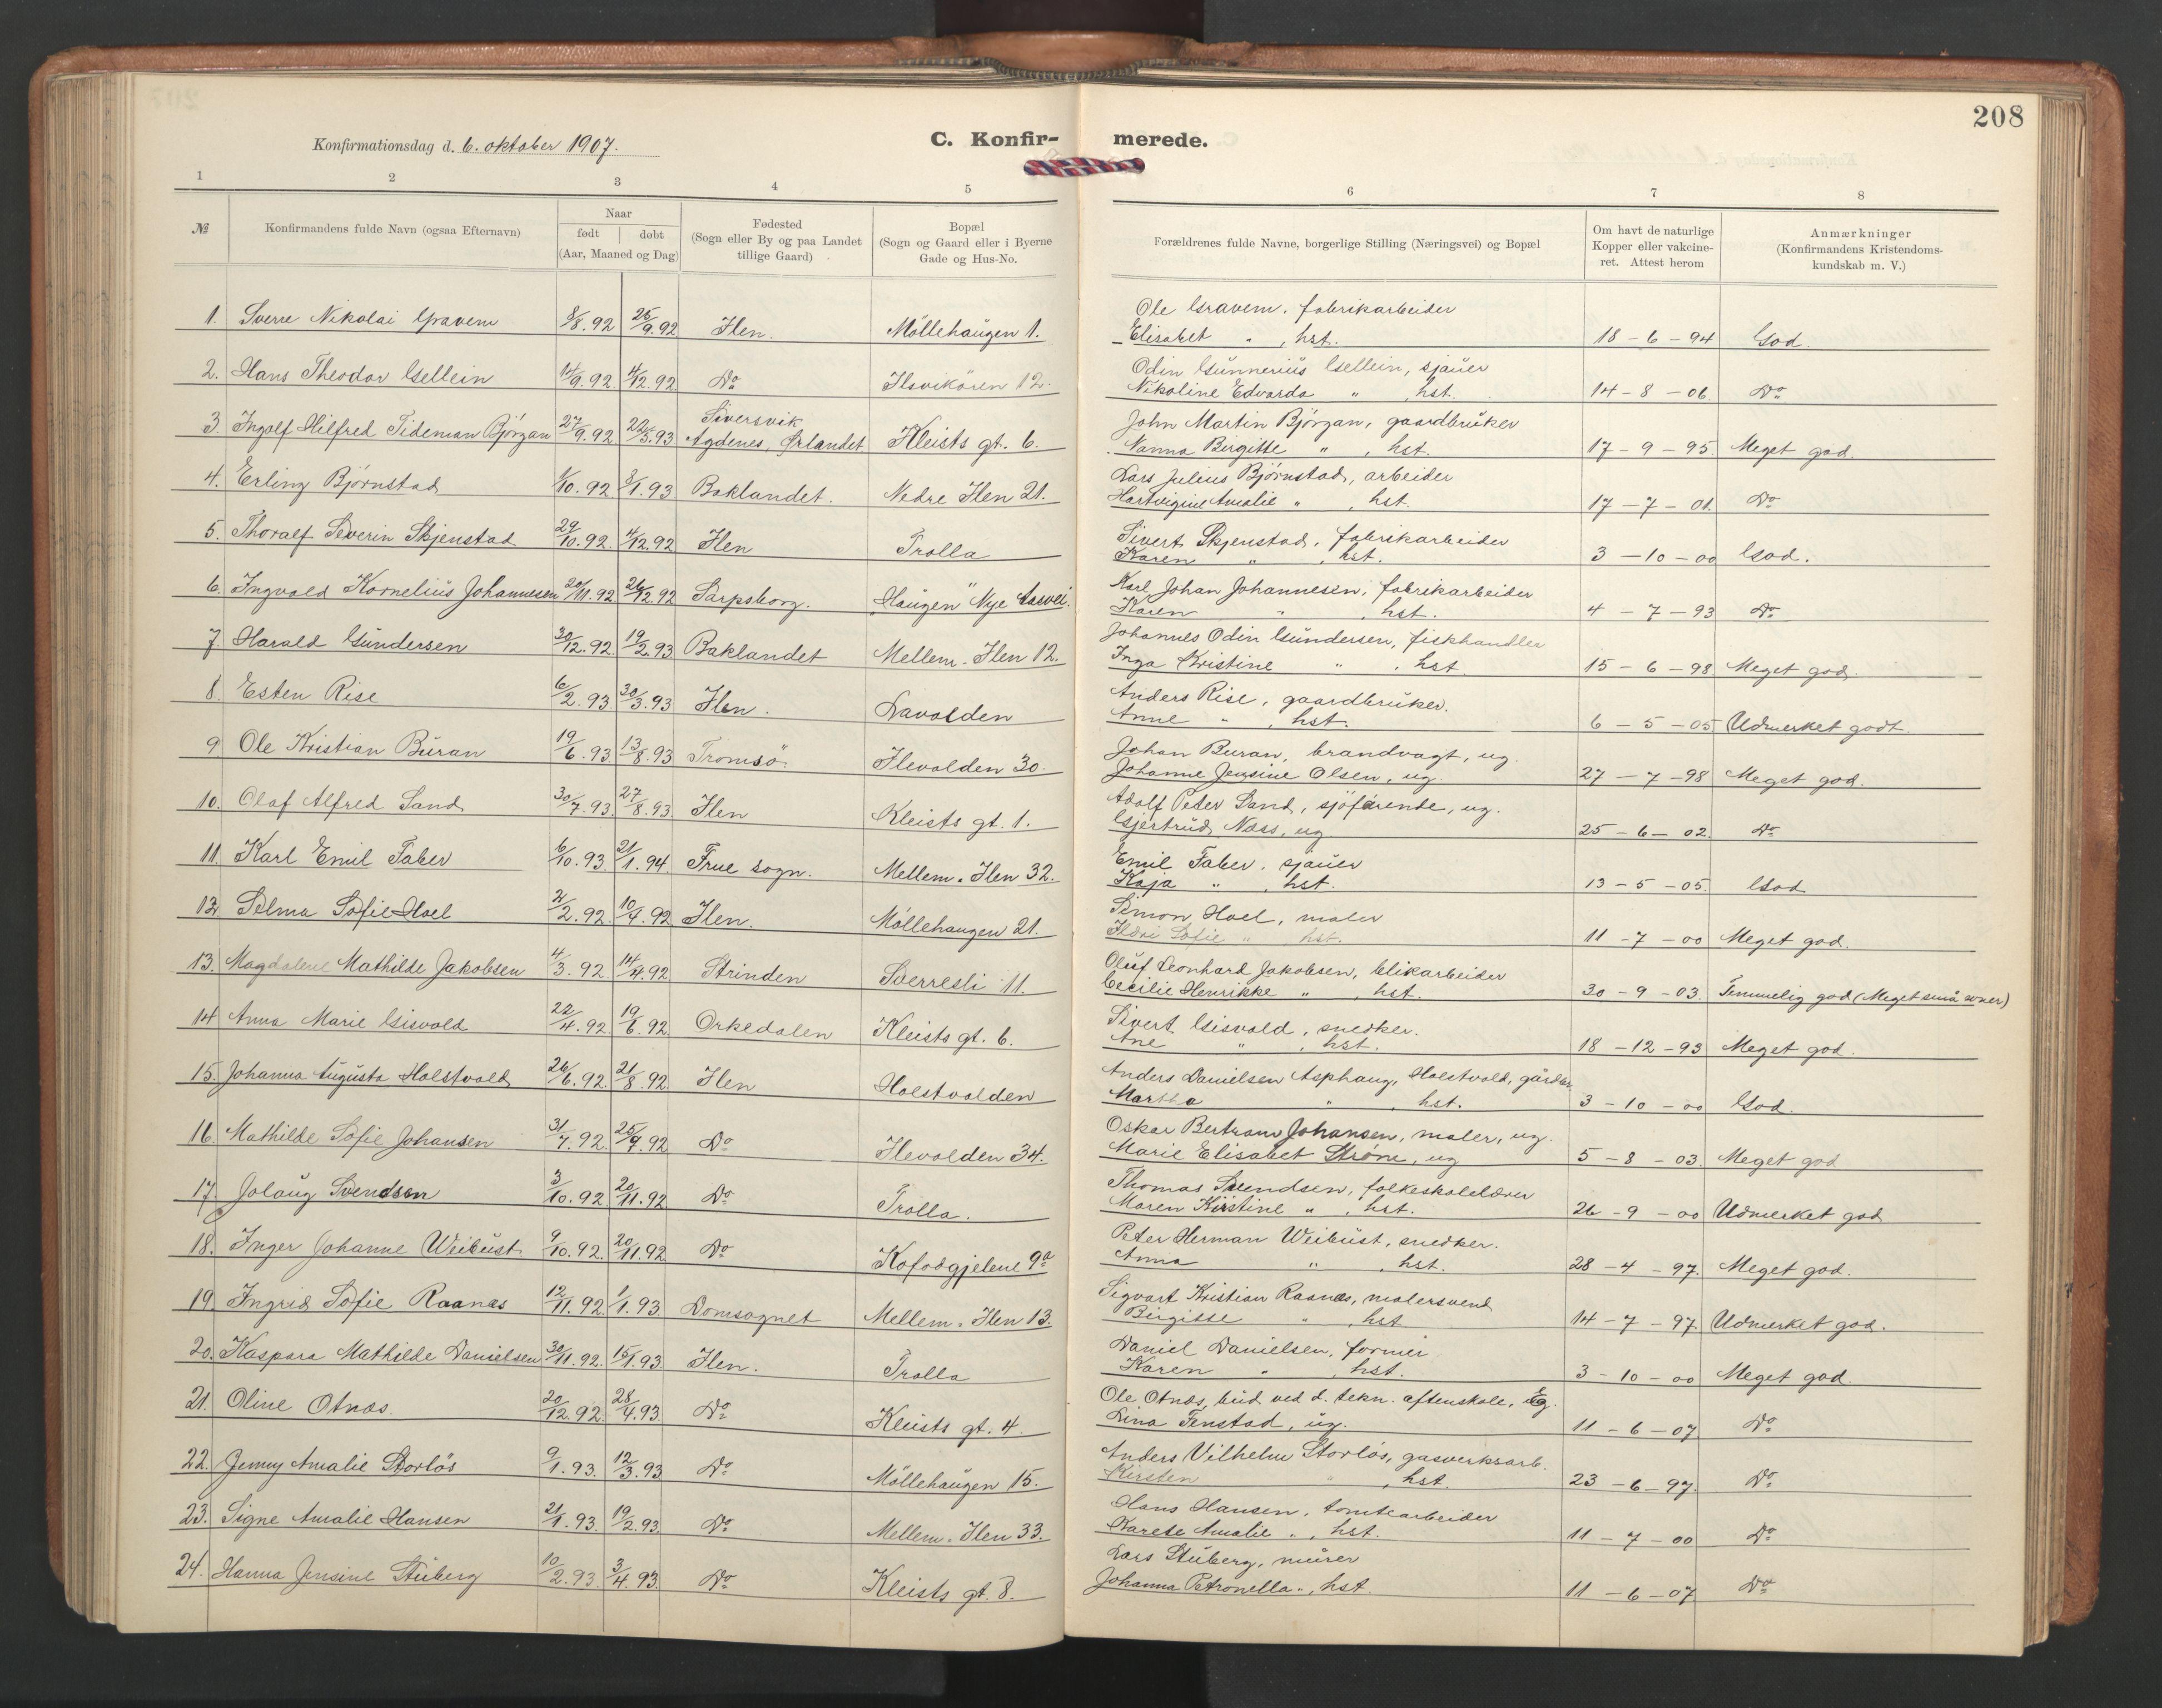 SAT, Ministerialprotokoller, klokkerbøker og fødselsregistre - Sør-Trøndelag, 603/L0173: Klokkerbok nr. 603C01, 1907-1962, s. 208